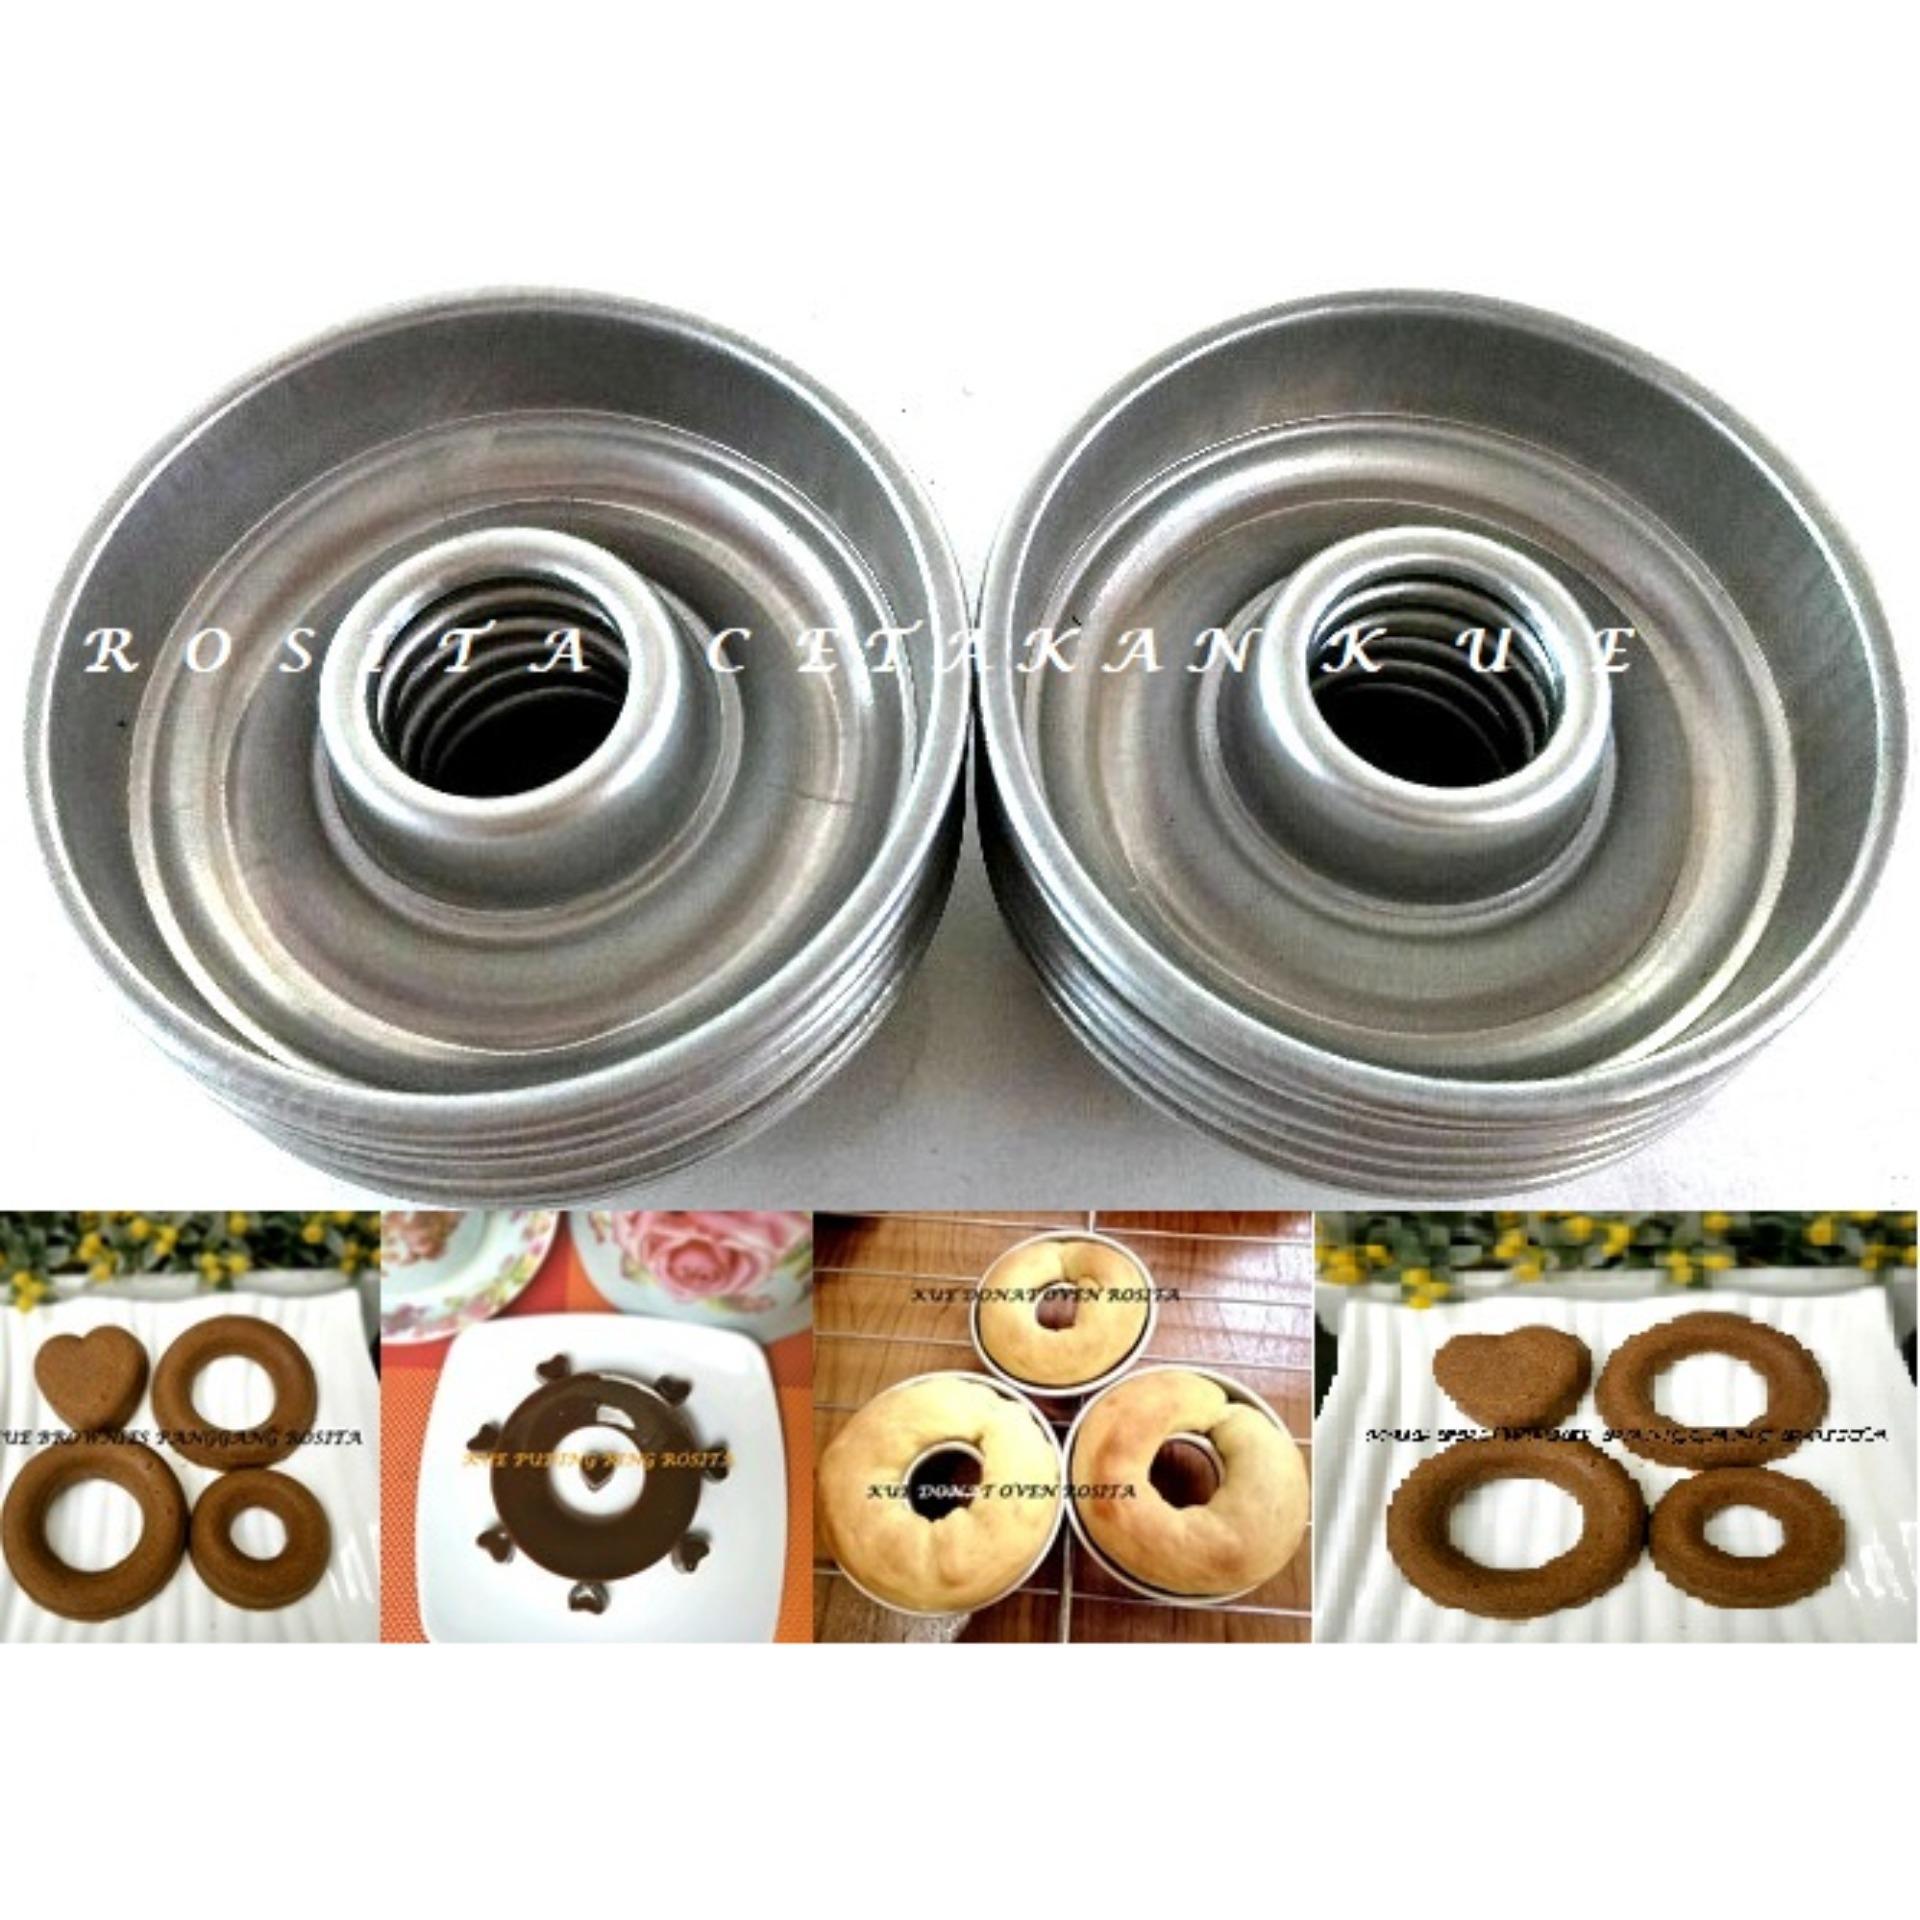 Rosita 12pcs Cetakan Kue Donat Oven Aluminium 8,2 cm TEBAL BERKUALITAS